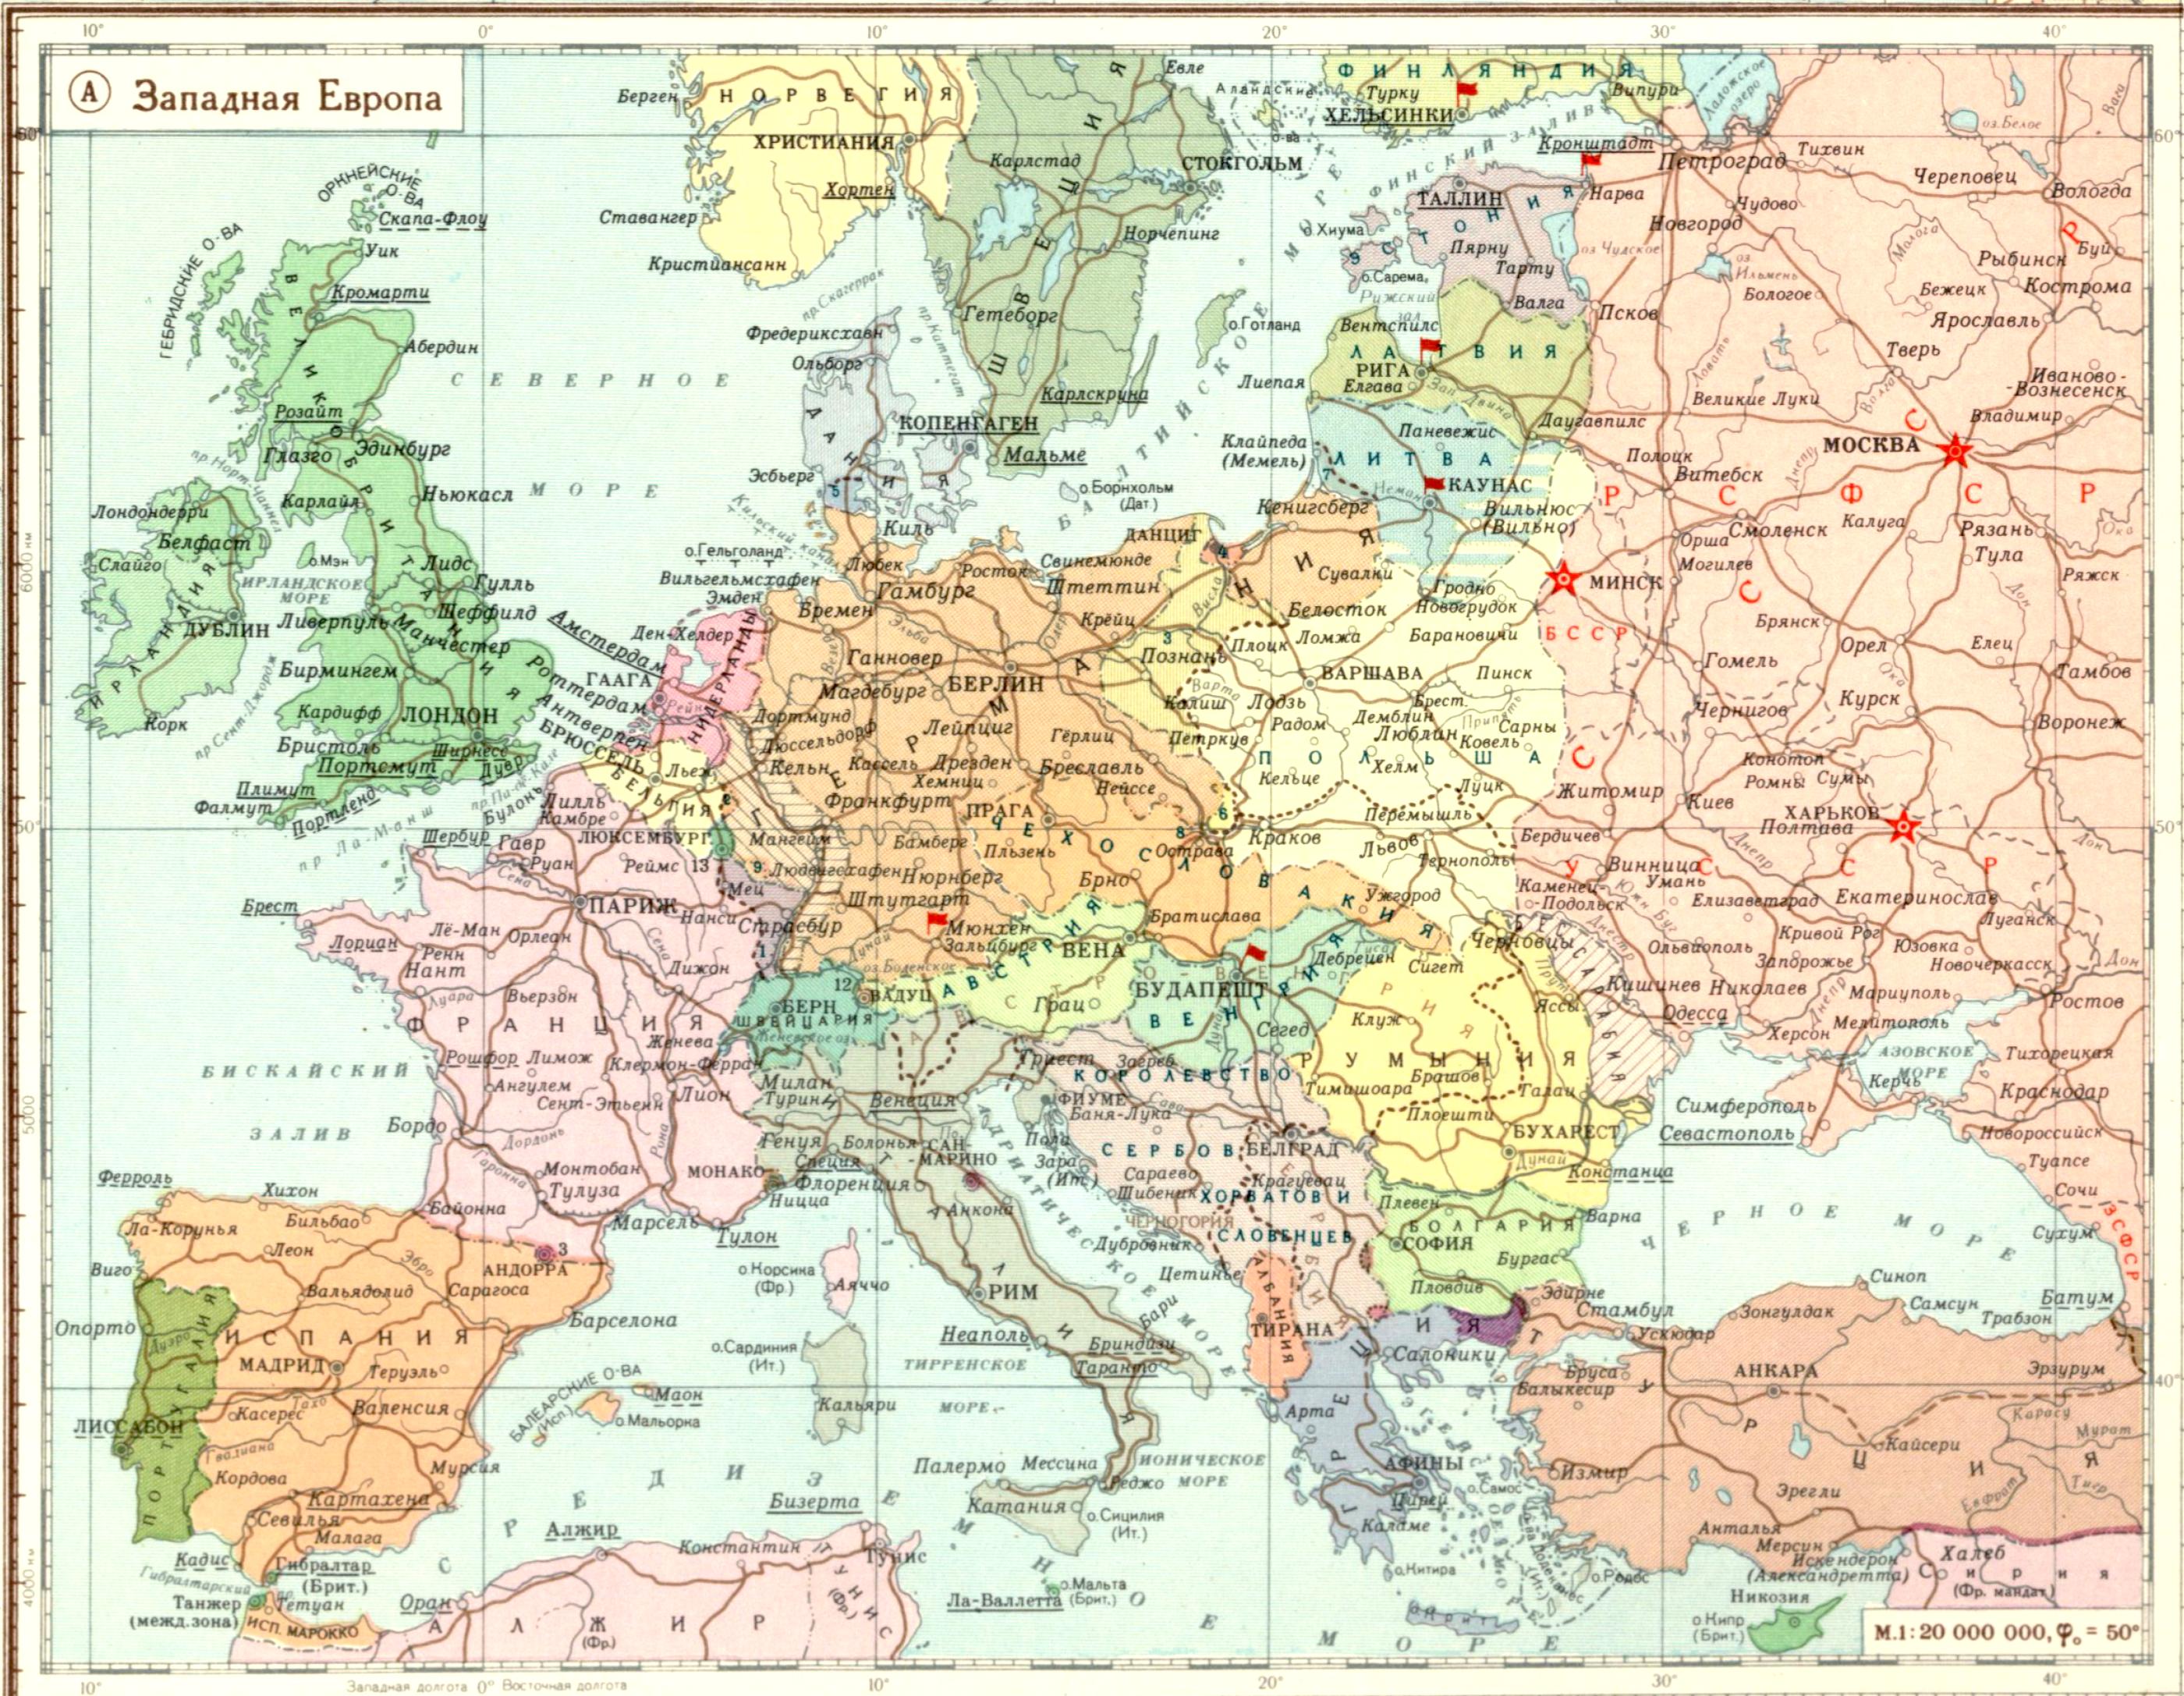 Годы первой мировой войны: начало и конец, кто победил, картотека потерь русских и подвиги героев